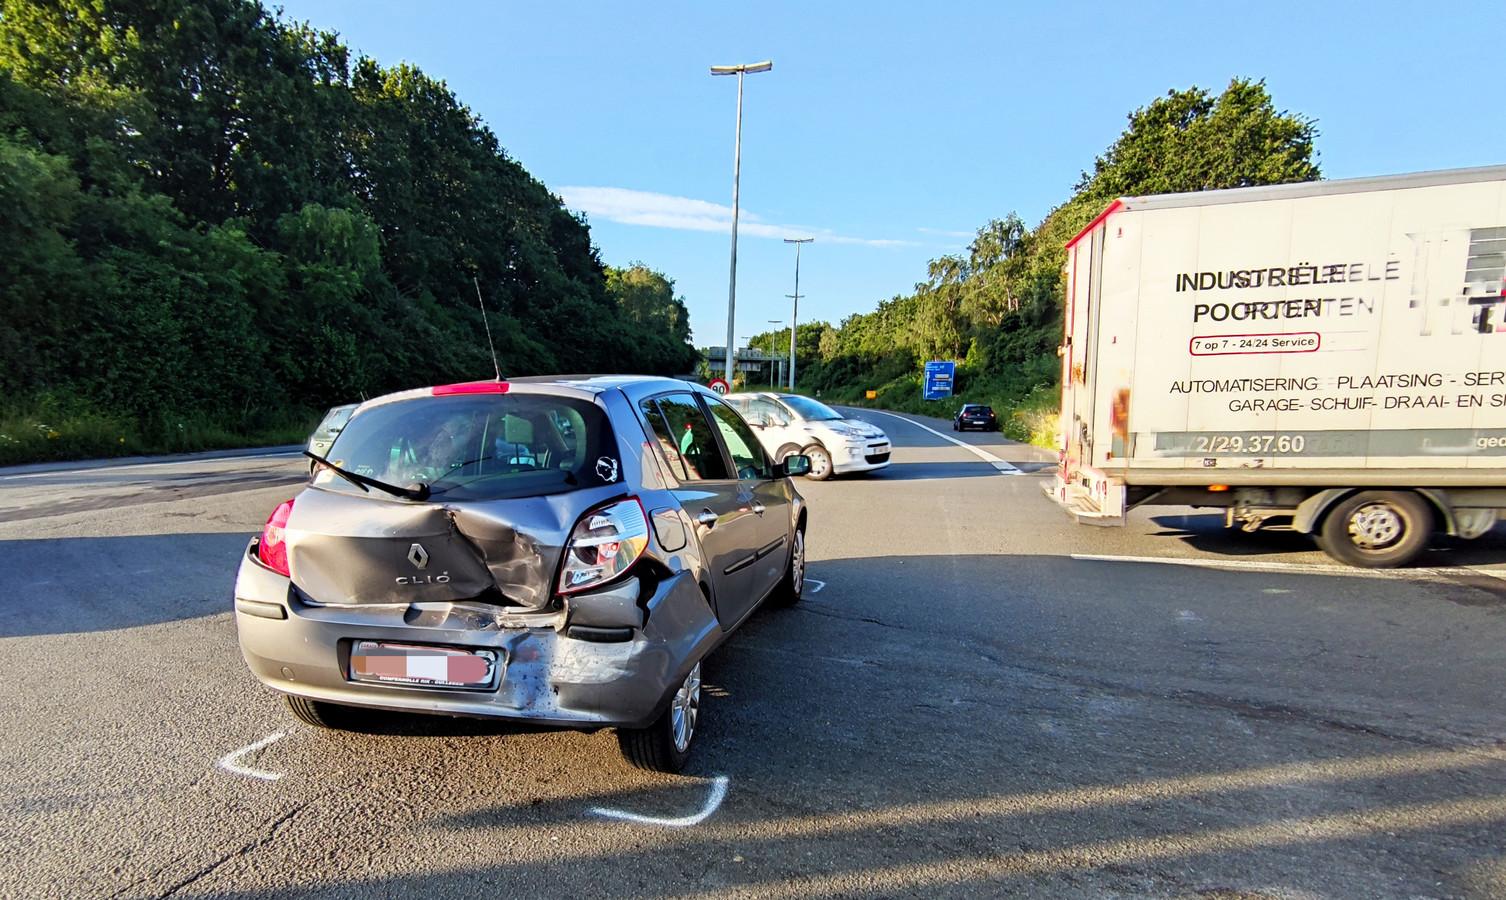 De schade aan beide voertuigen is groot